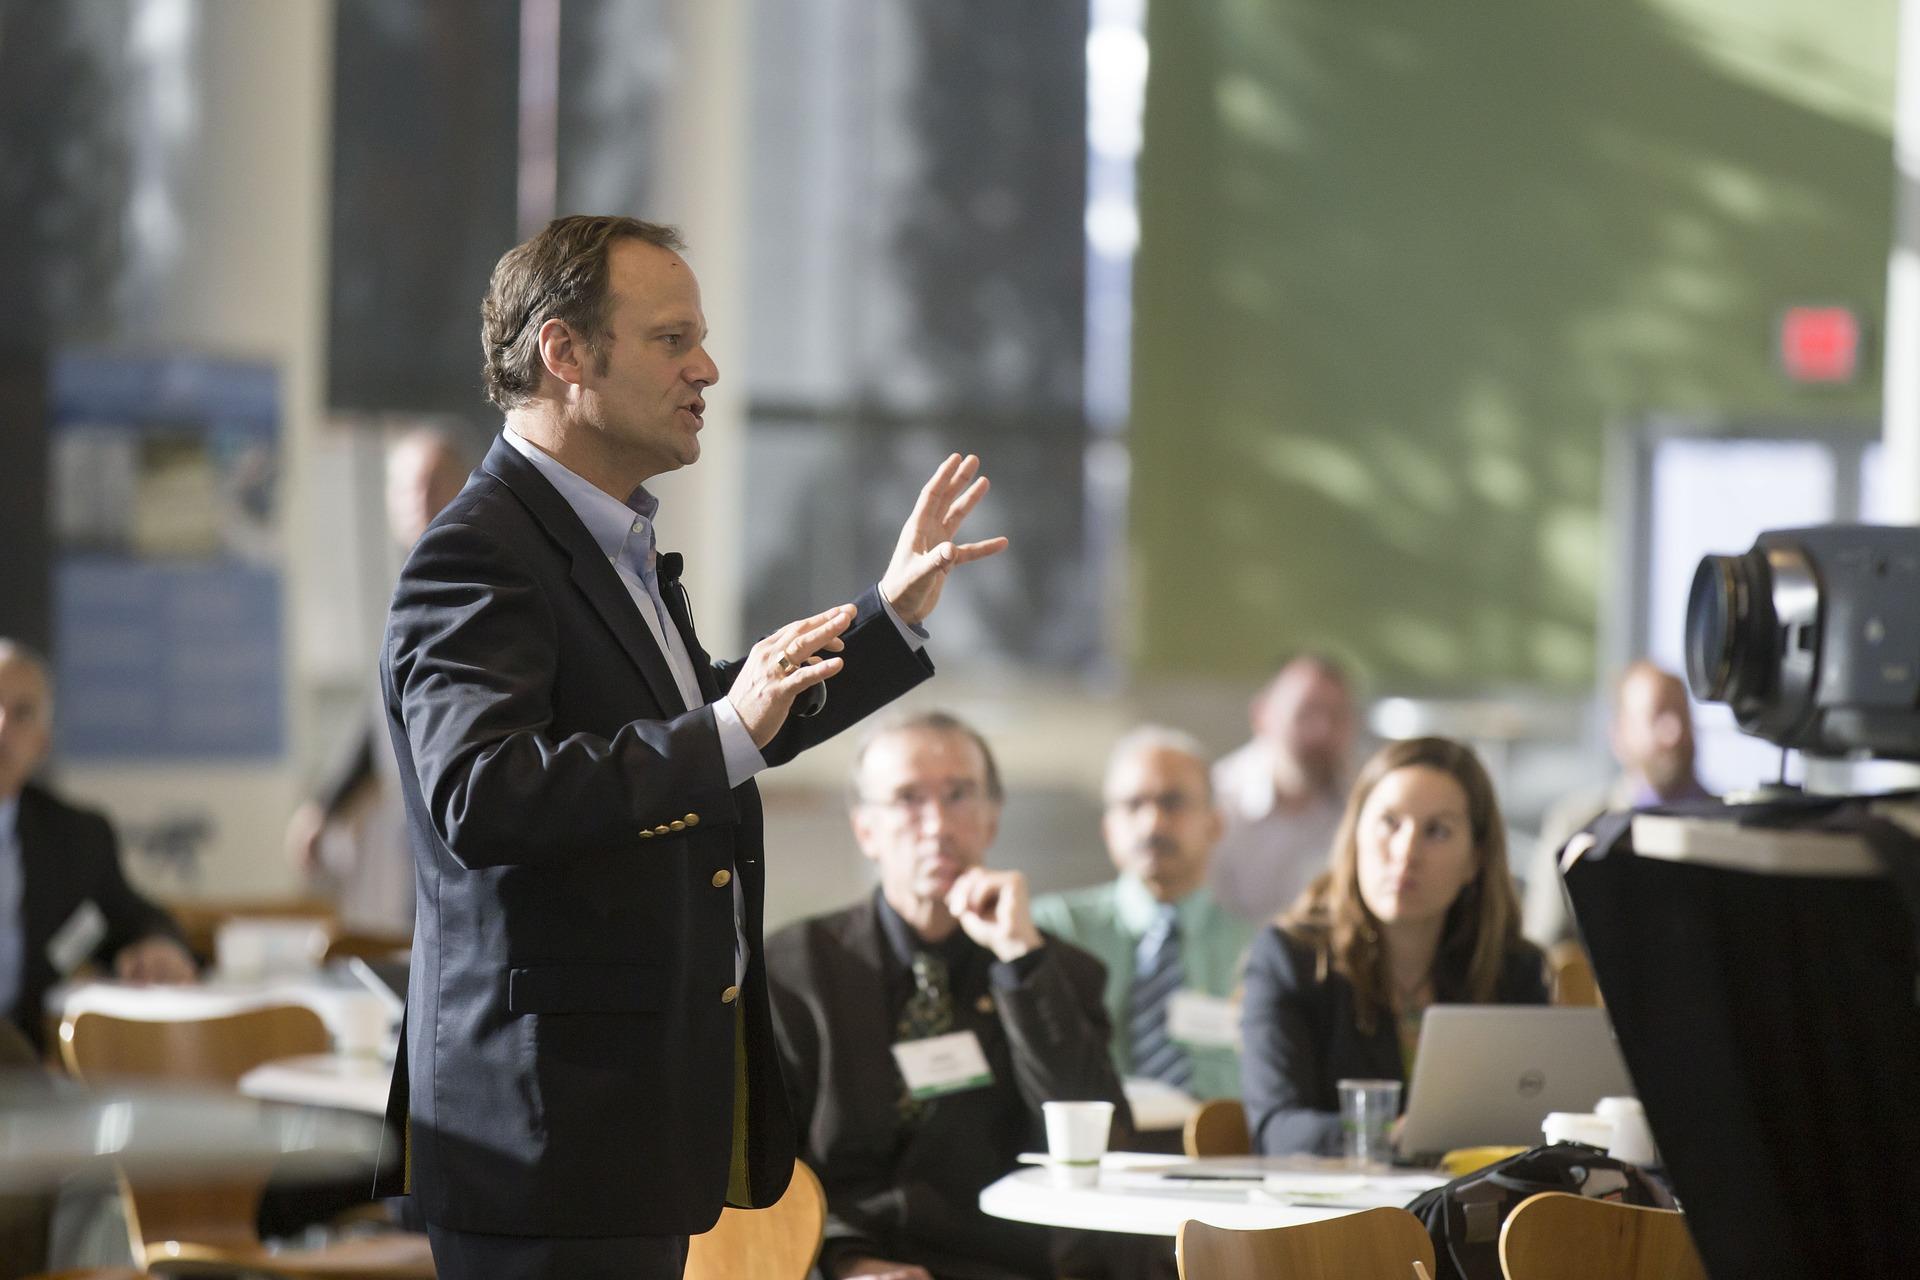 Få en bedre arbejdsplads med et foredrag om motivation og et kundeservice kursus